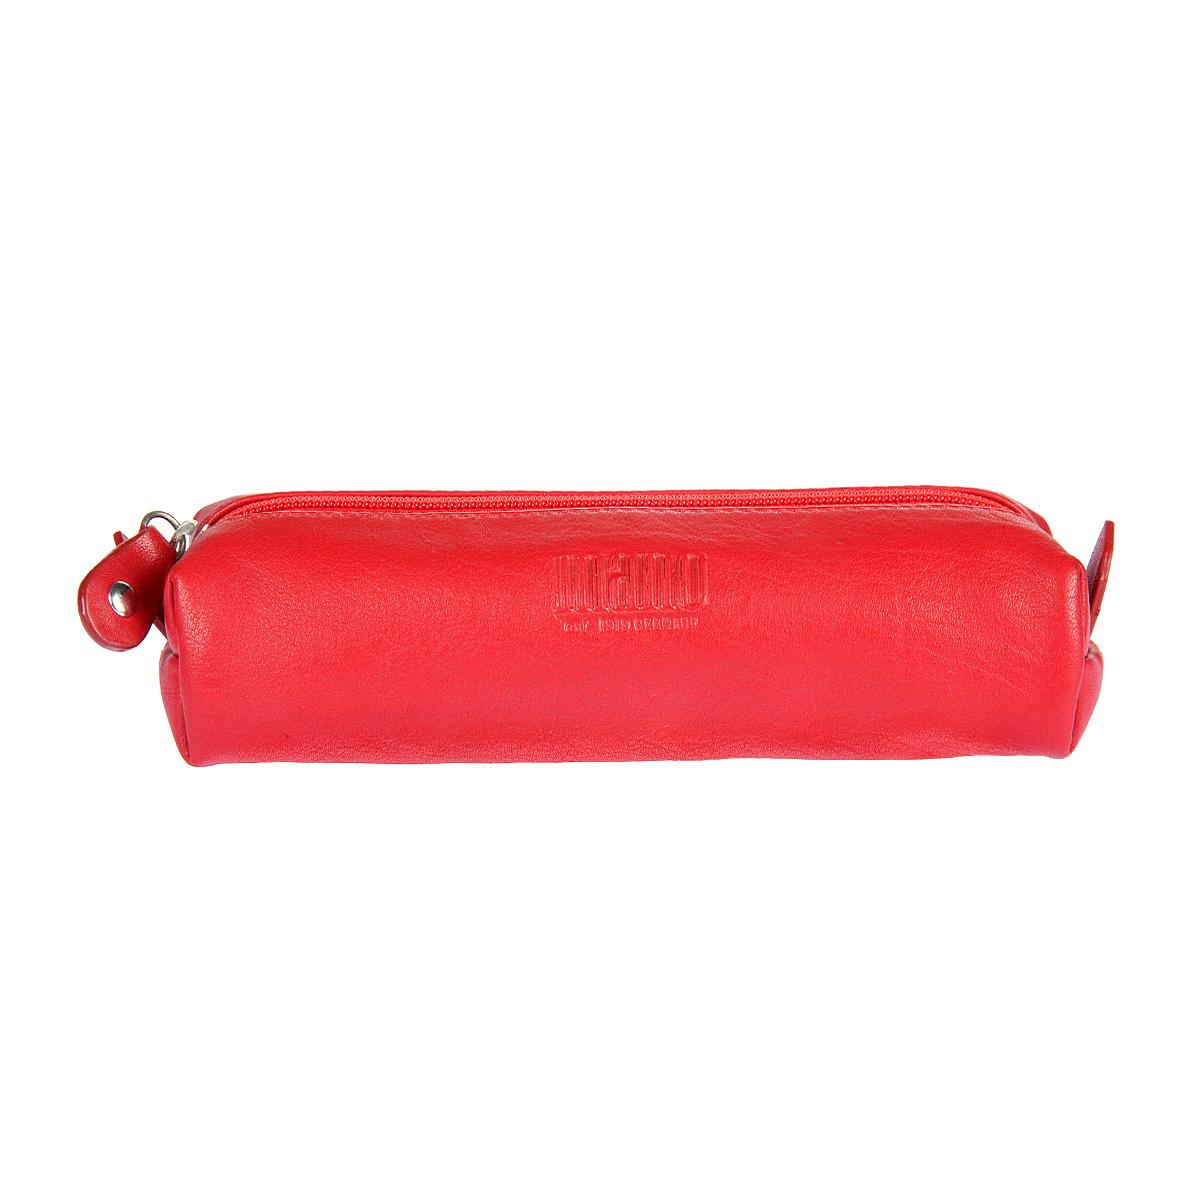 Ключница женская Mano, цвет: красный. 20110 RUСерьги с подвескамиЖенская Ключница Mano закрывается на молнию. У модели внутри одел, в котором два кольца для ключей.